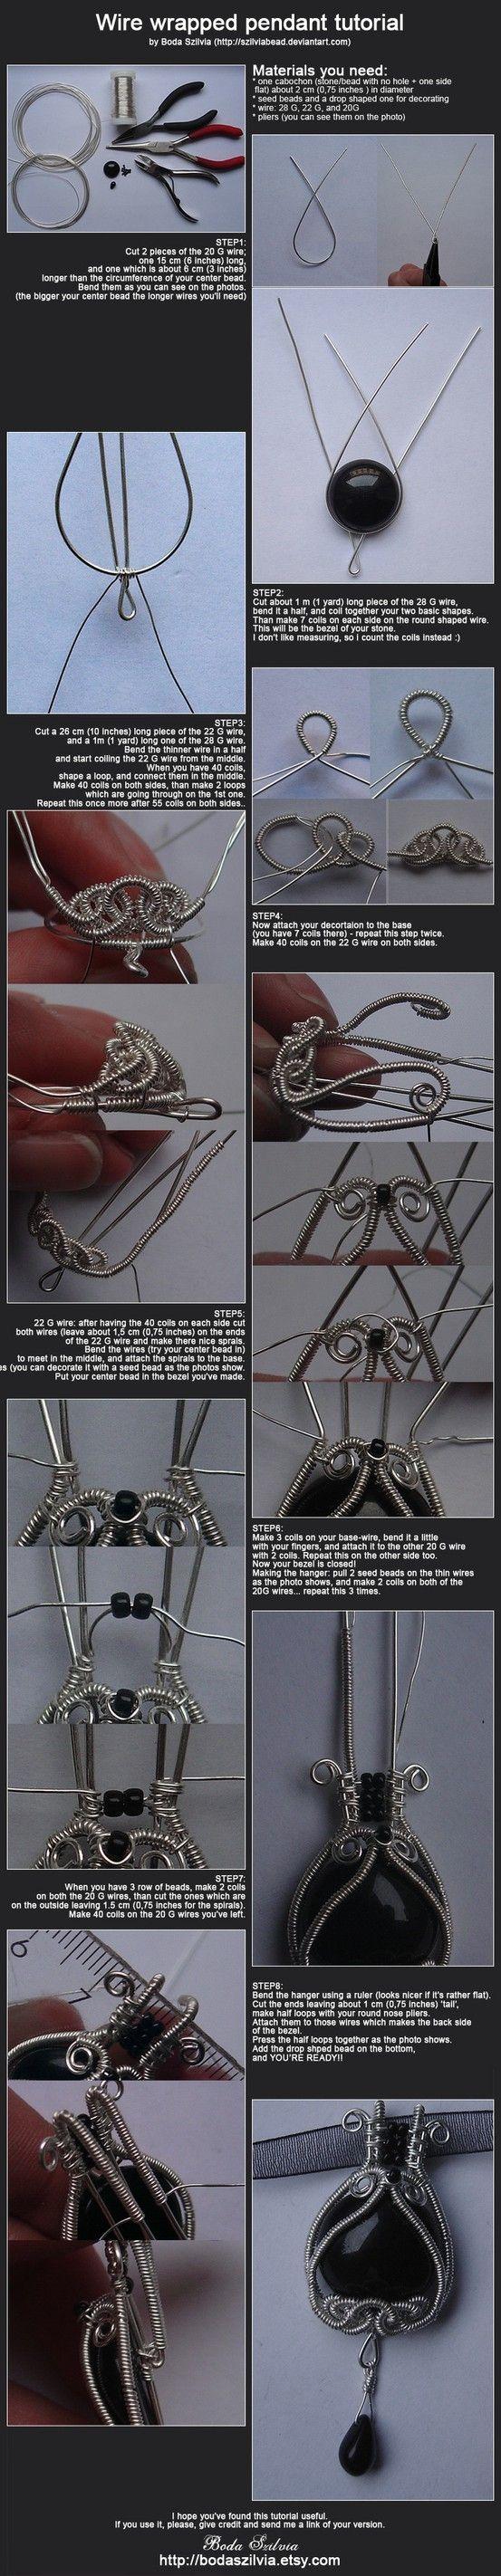 wire wrap tutorial